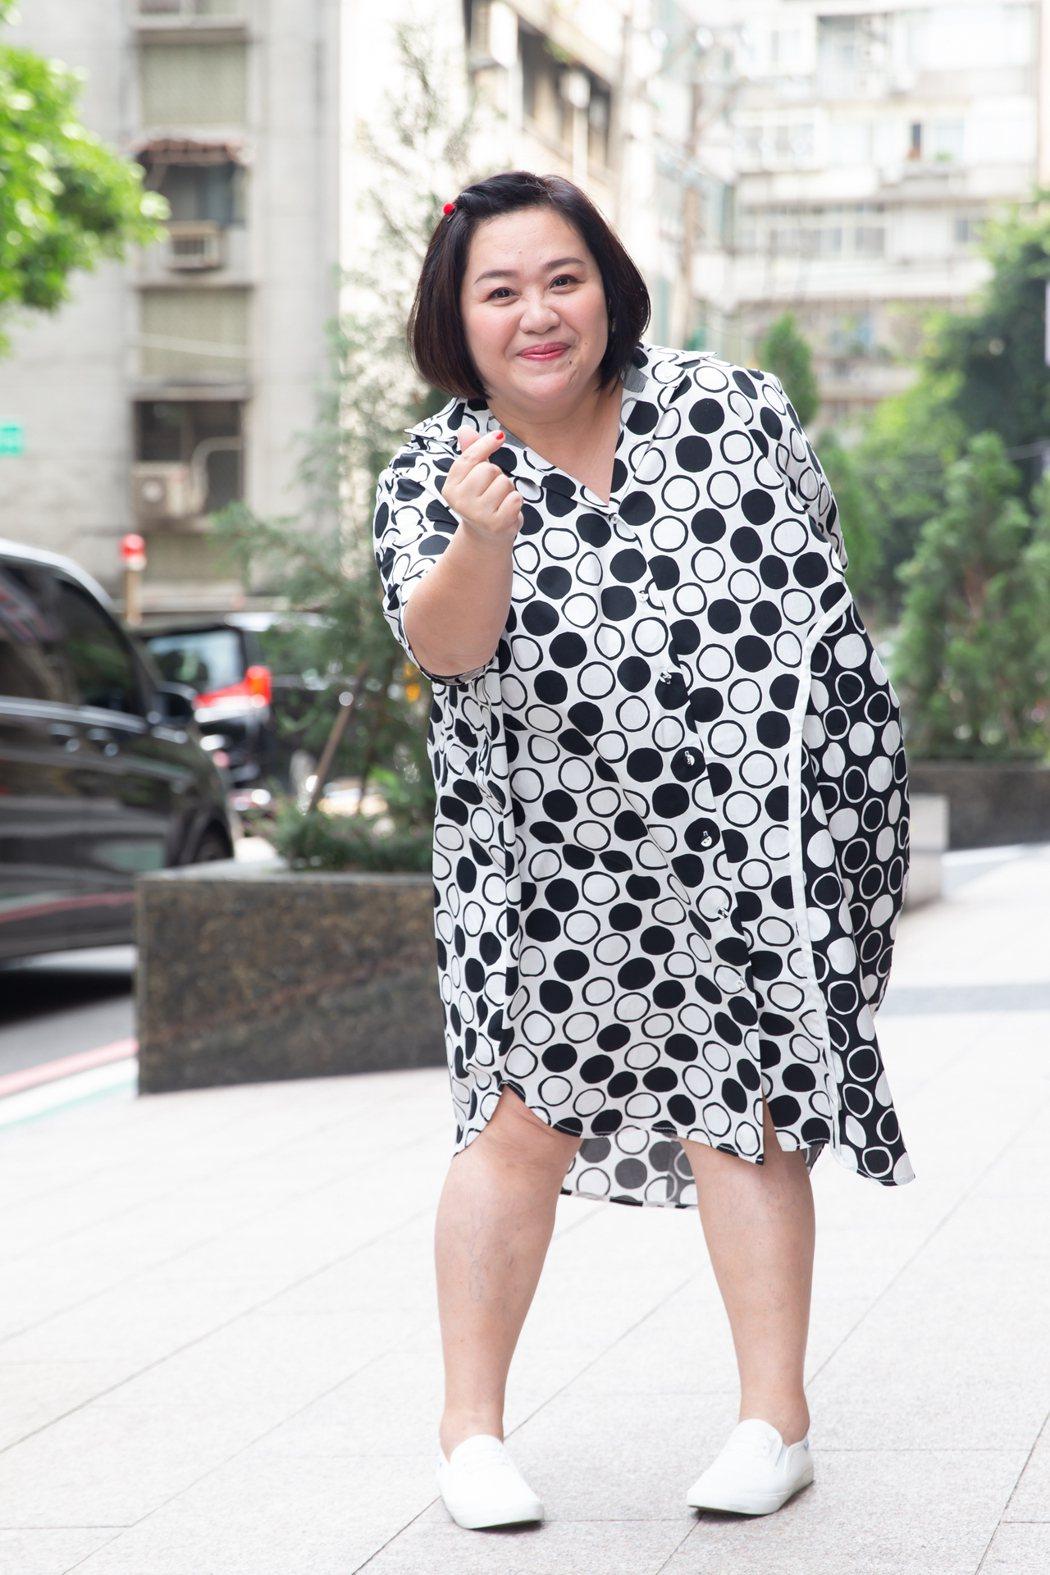 鍾欣凌笑稱自己會是苦毒媳婦的婆婆。記者季相儒/攝影